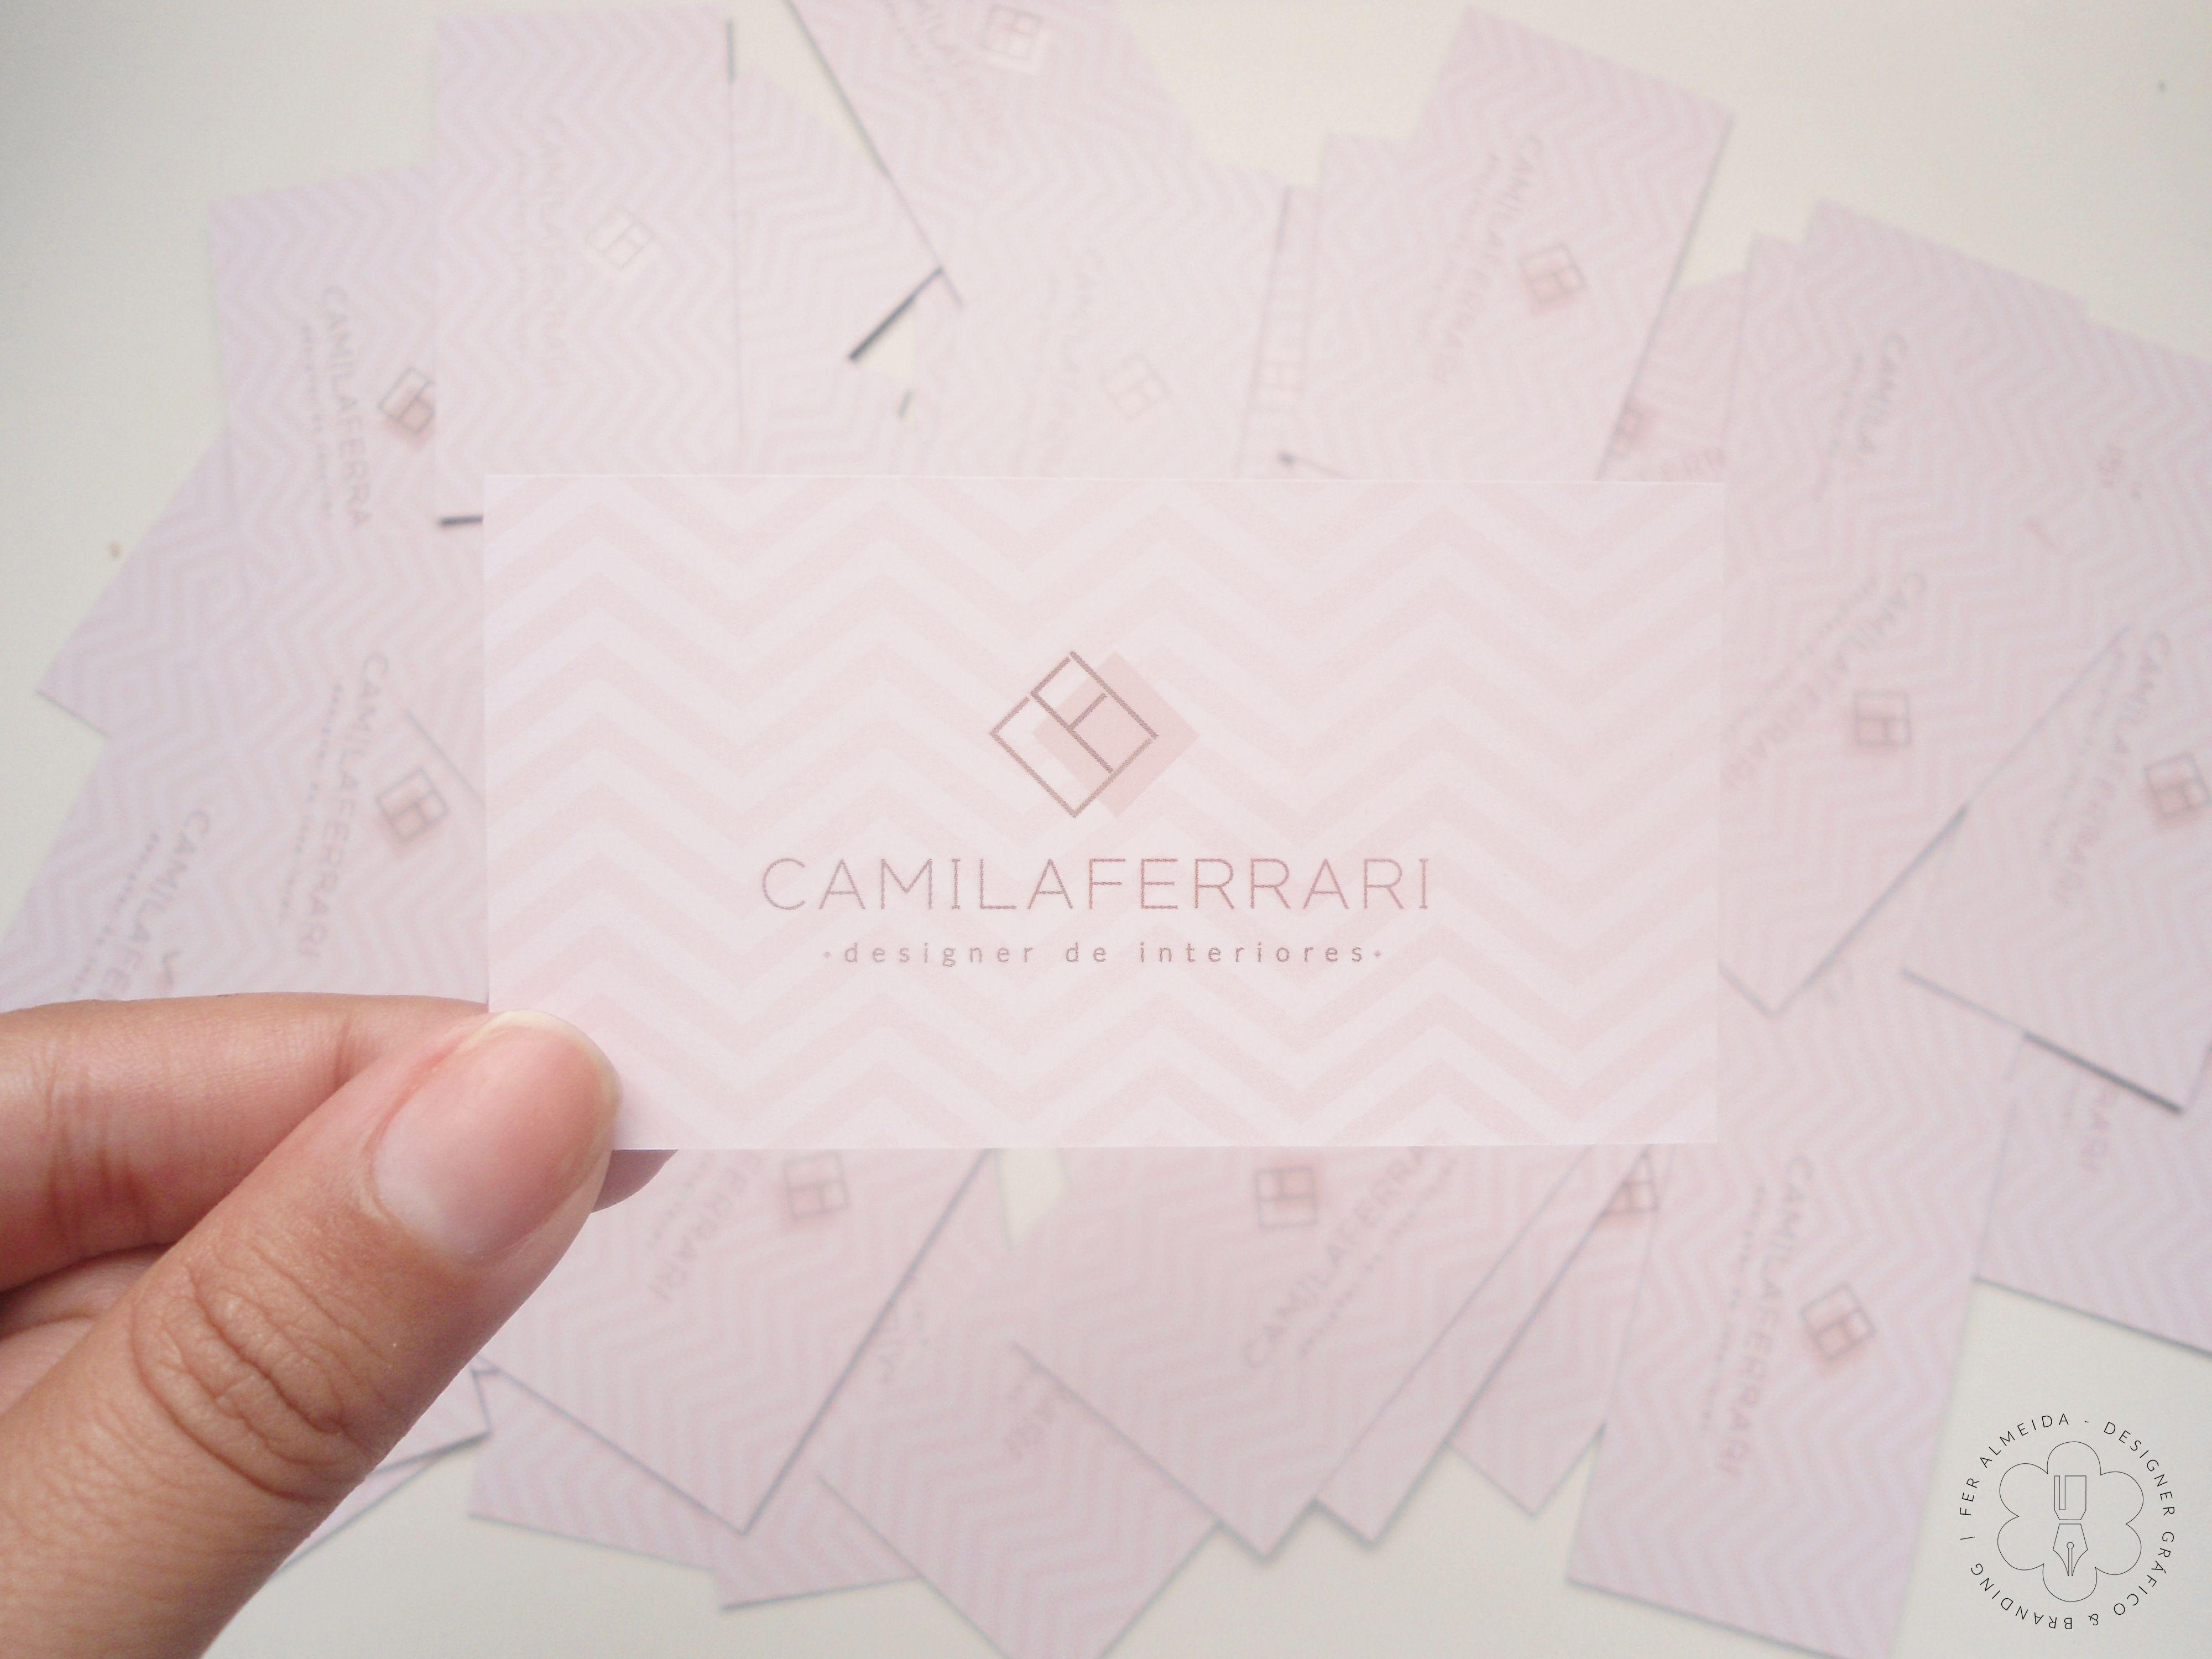 Cartão de Visita Camila Ferrari Designer de Interiores